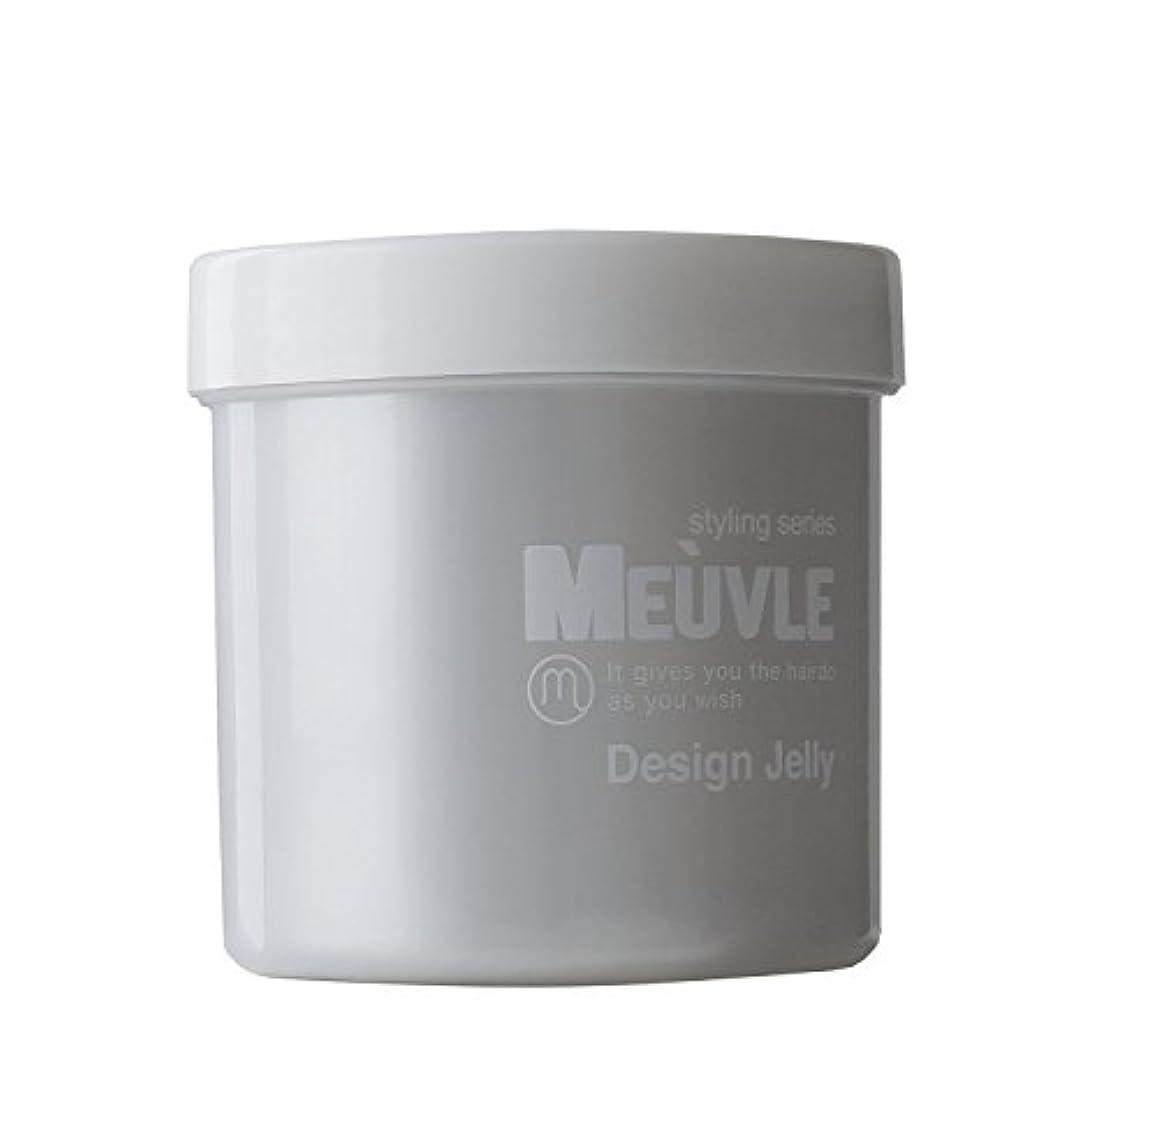 すべき庭園内訳MEUVLE ( ミューヴル ) デザインゼリー 300g 限定企画 ミューブル ジェル